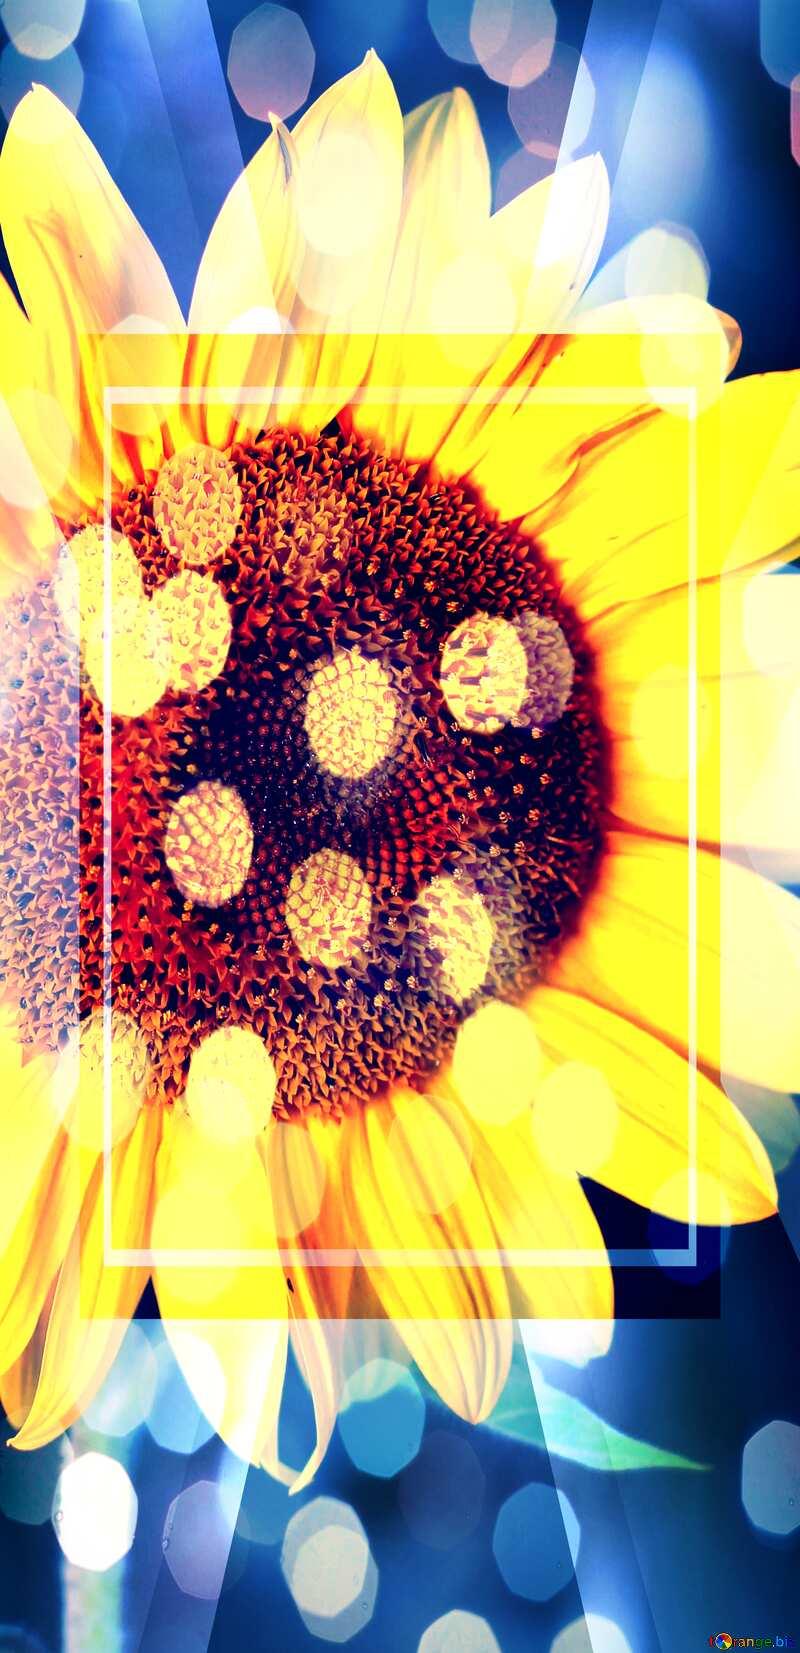 Sunflower flower design template №32797